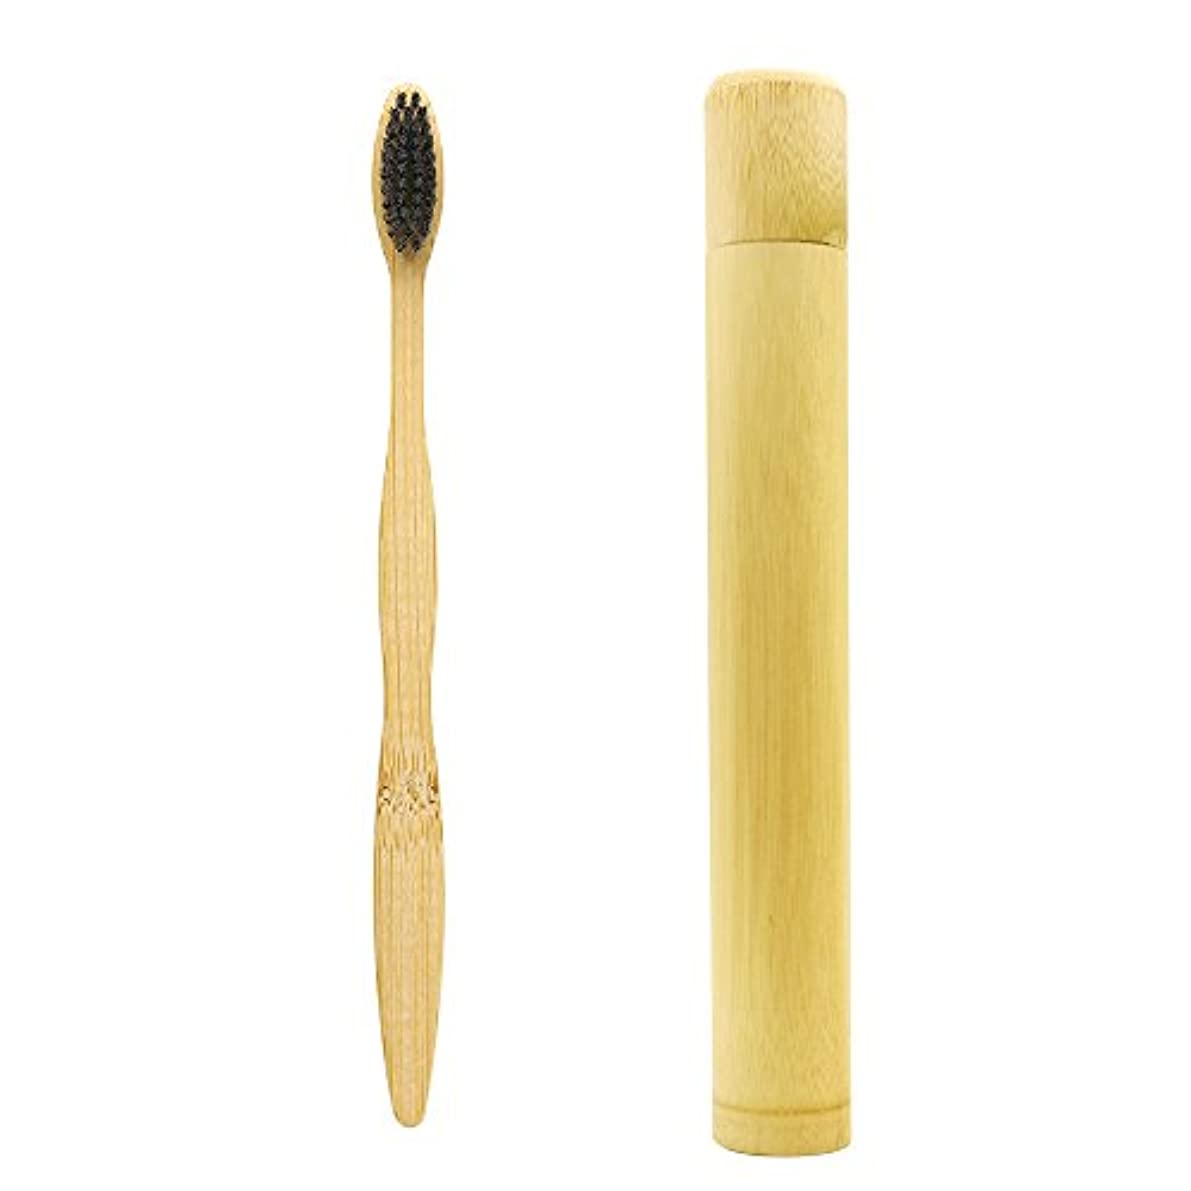 固体申請者素子N-amboo 歯ブラシ ケース付き 竹製 高耐久性 出張旅行 携帯便利